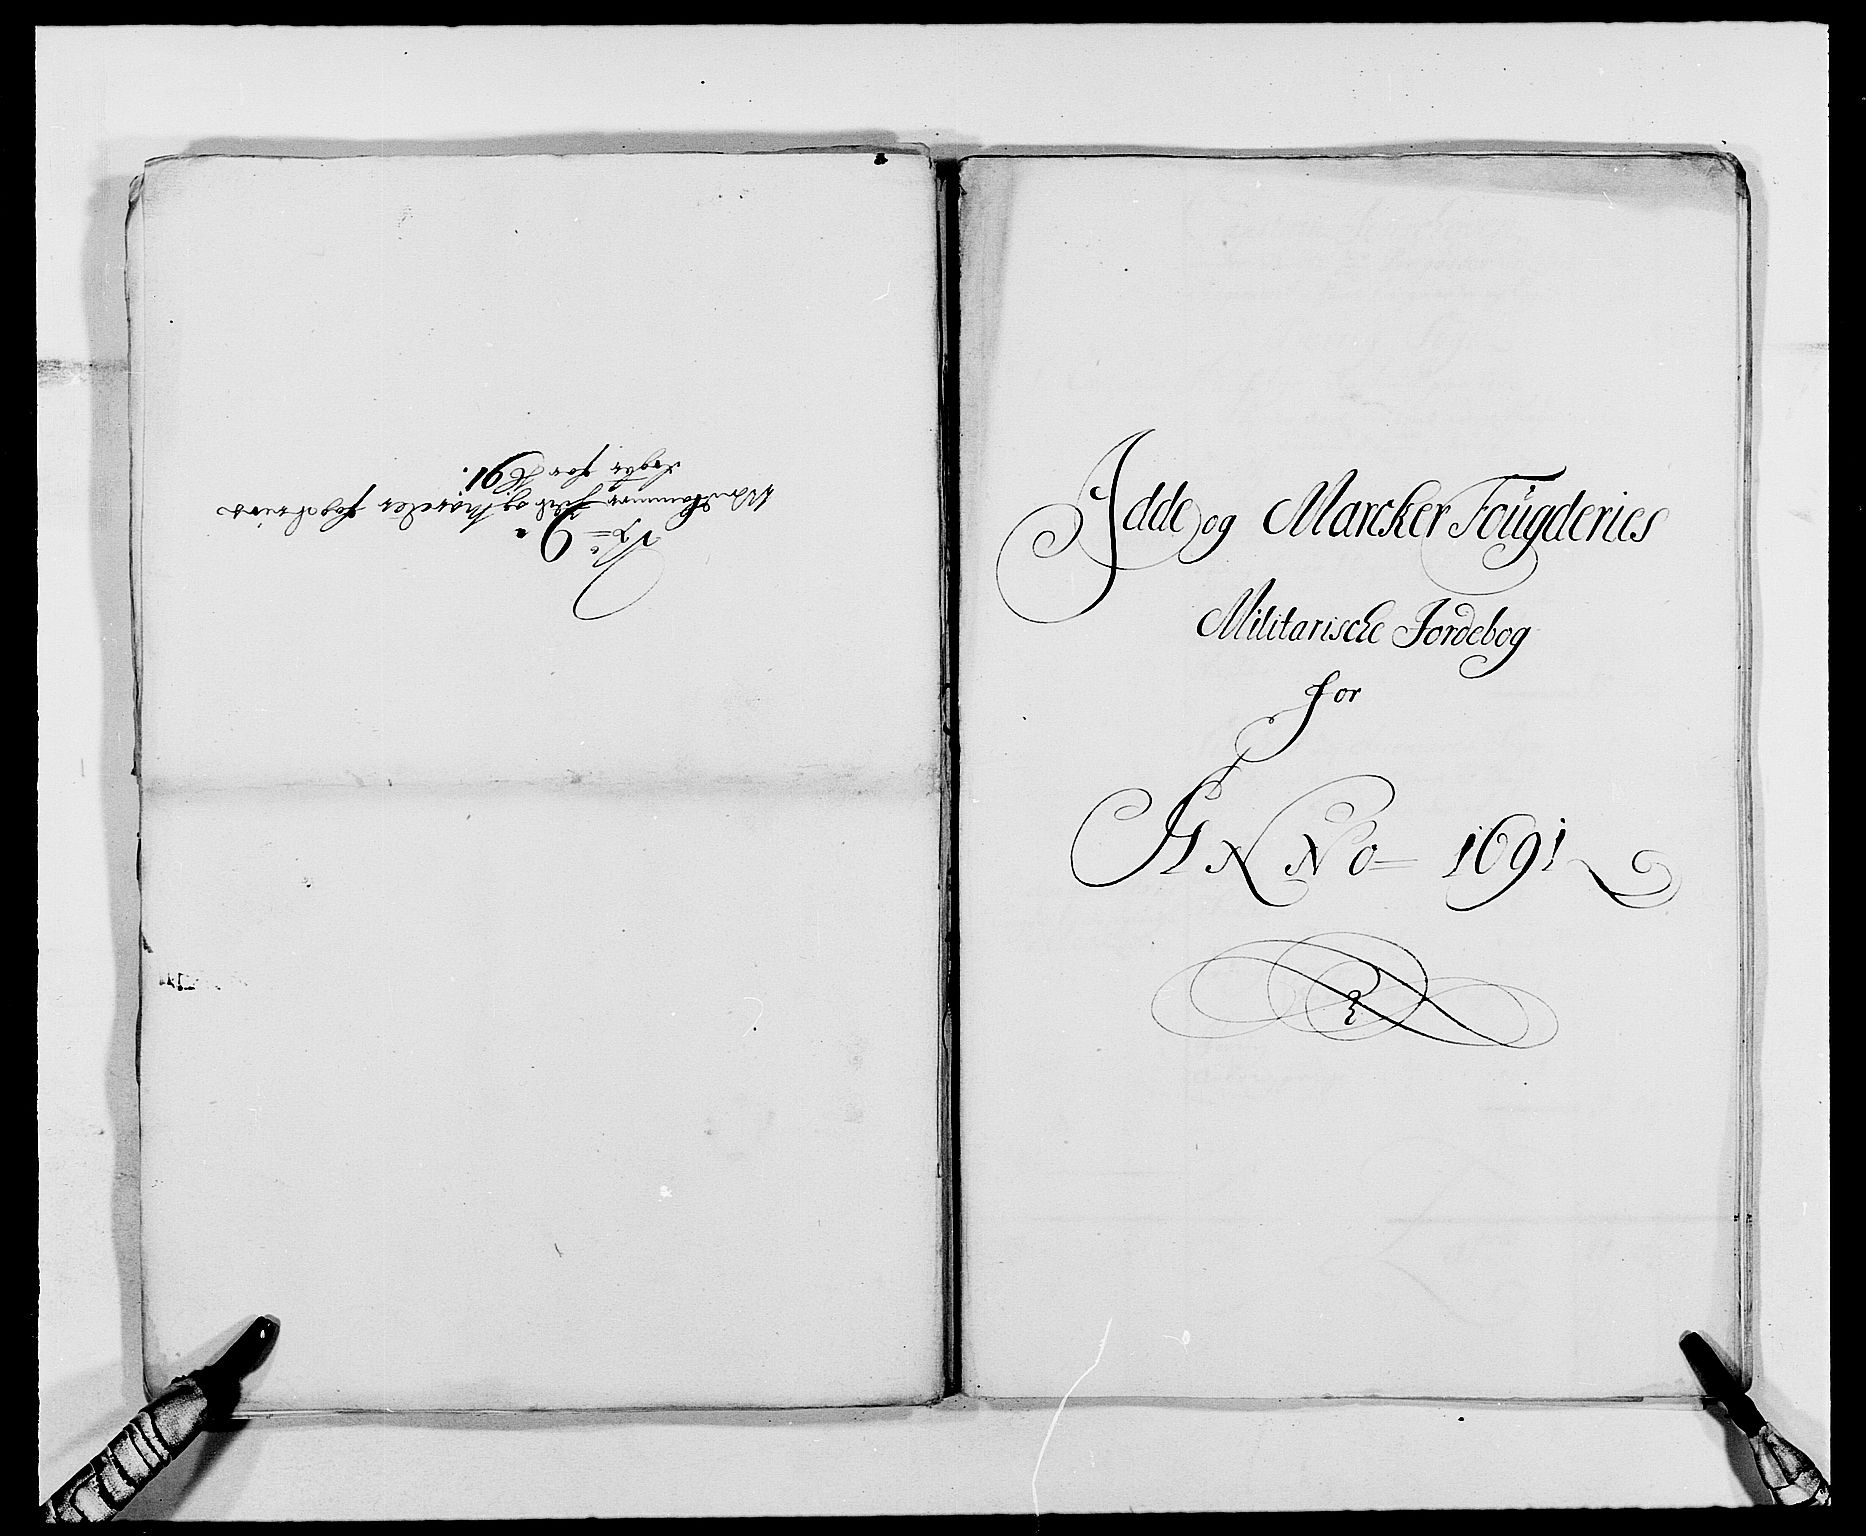 RA, Rentekammeret inntil 1814, Reviderte regnskaper, Fogderegnskap, R01/L0010: Fogderegnskap Idd og Marker, 1690-1691, p. 80